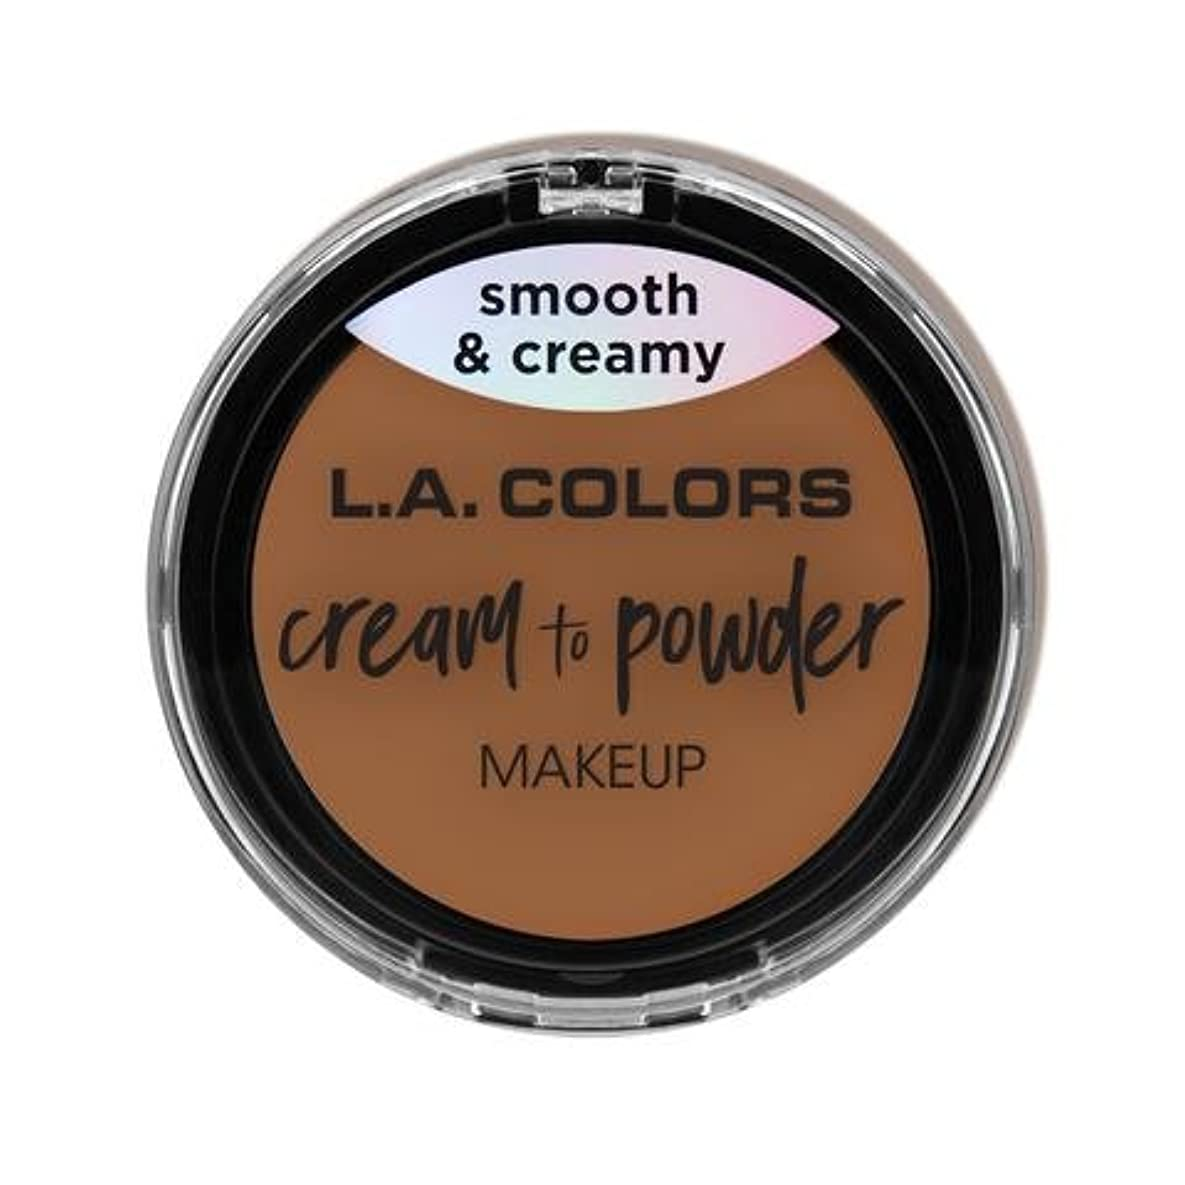 ブラウザ息子司令官(3 Pack) L.A. COLORS Cream To Powder Foundation - Sand (並行輸入品)